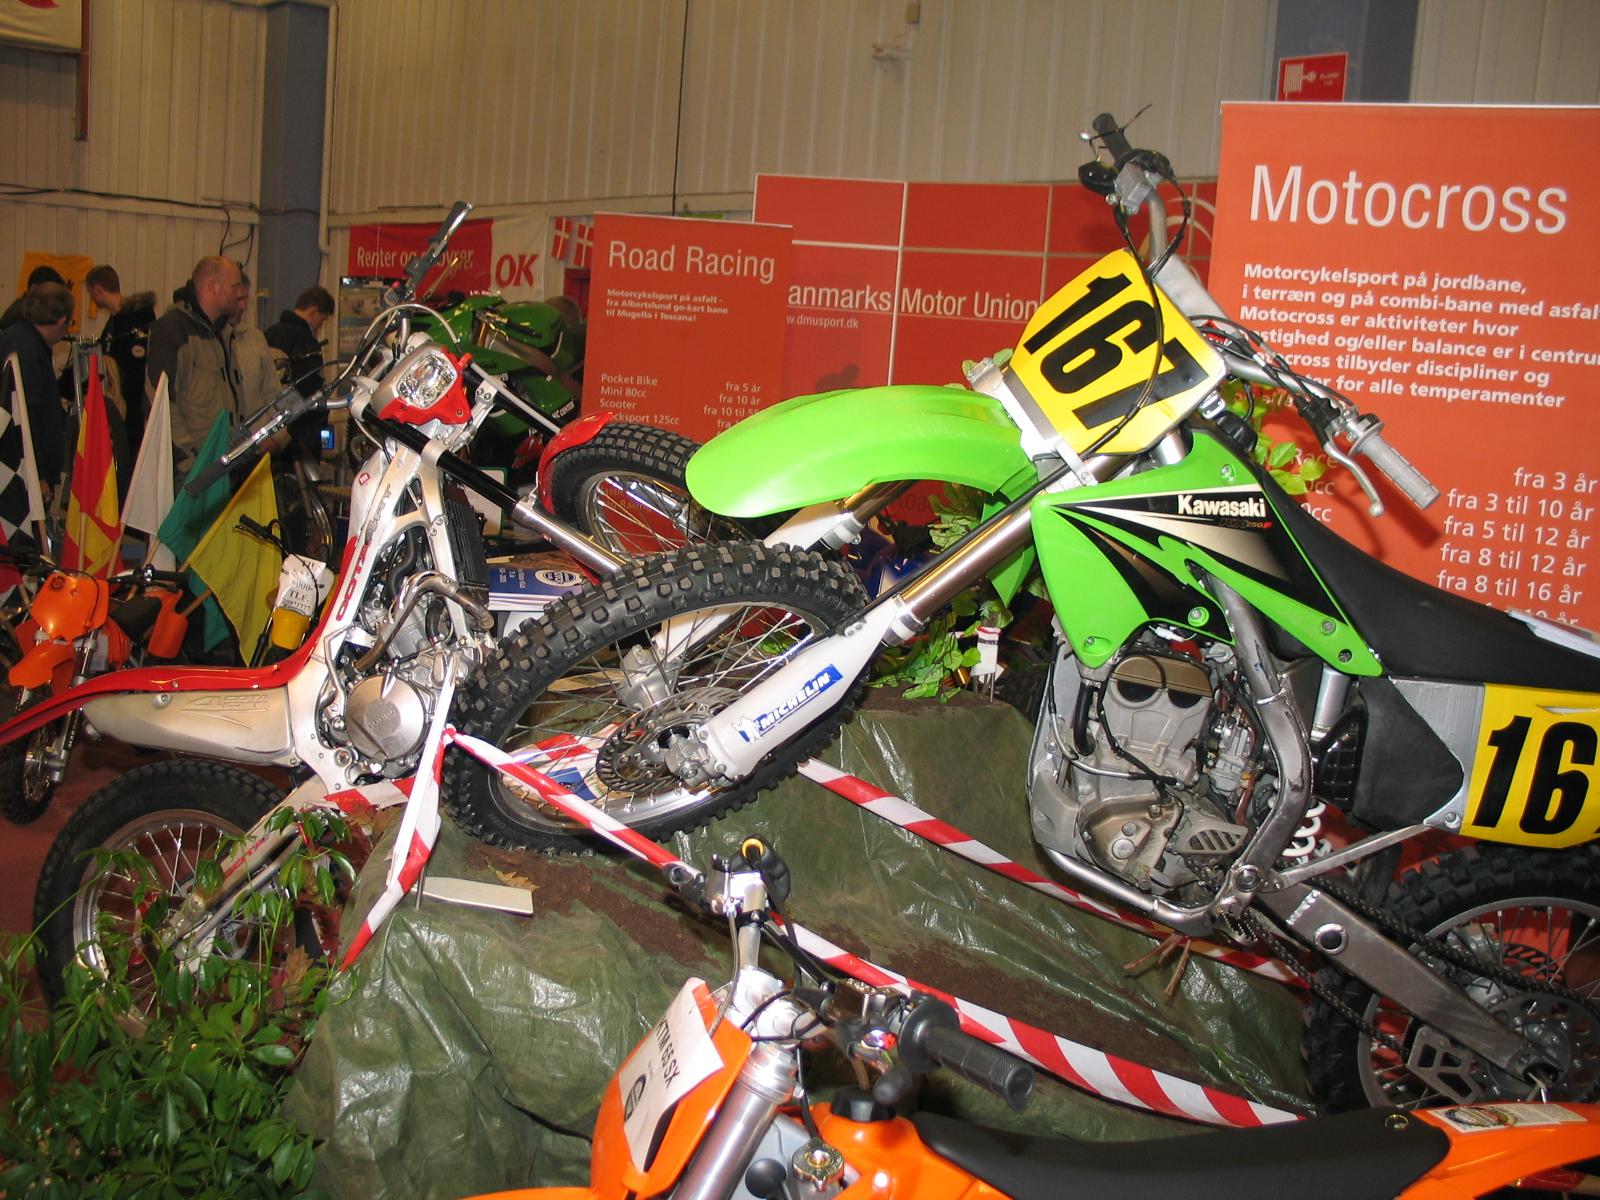 Moto-cross afdelingen.